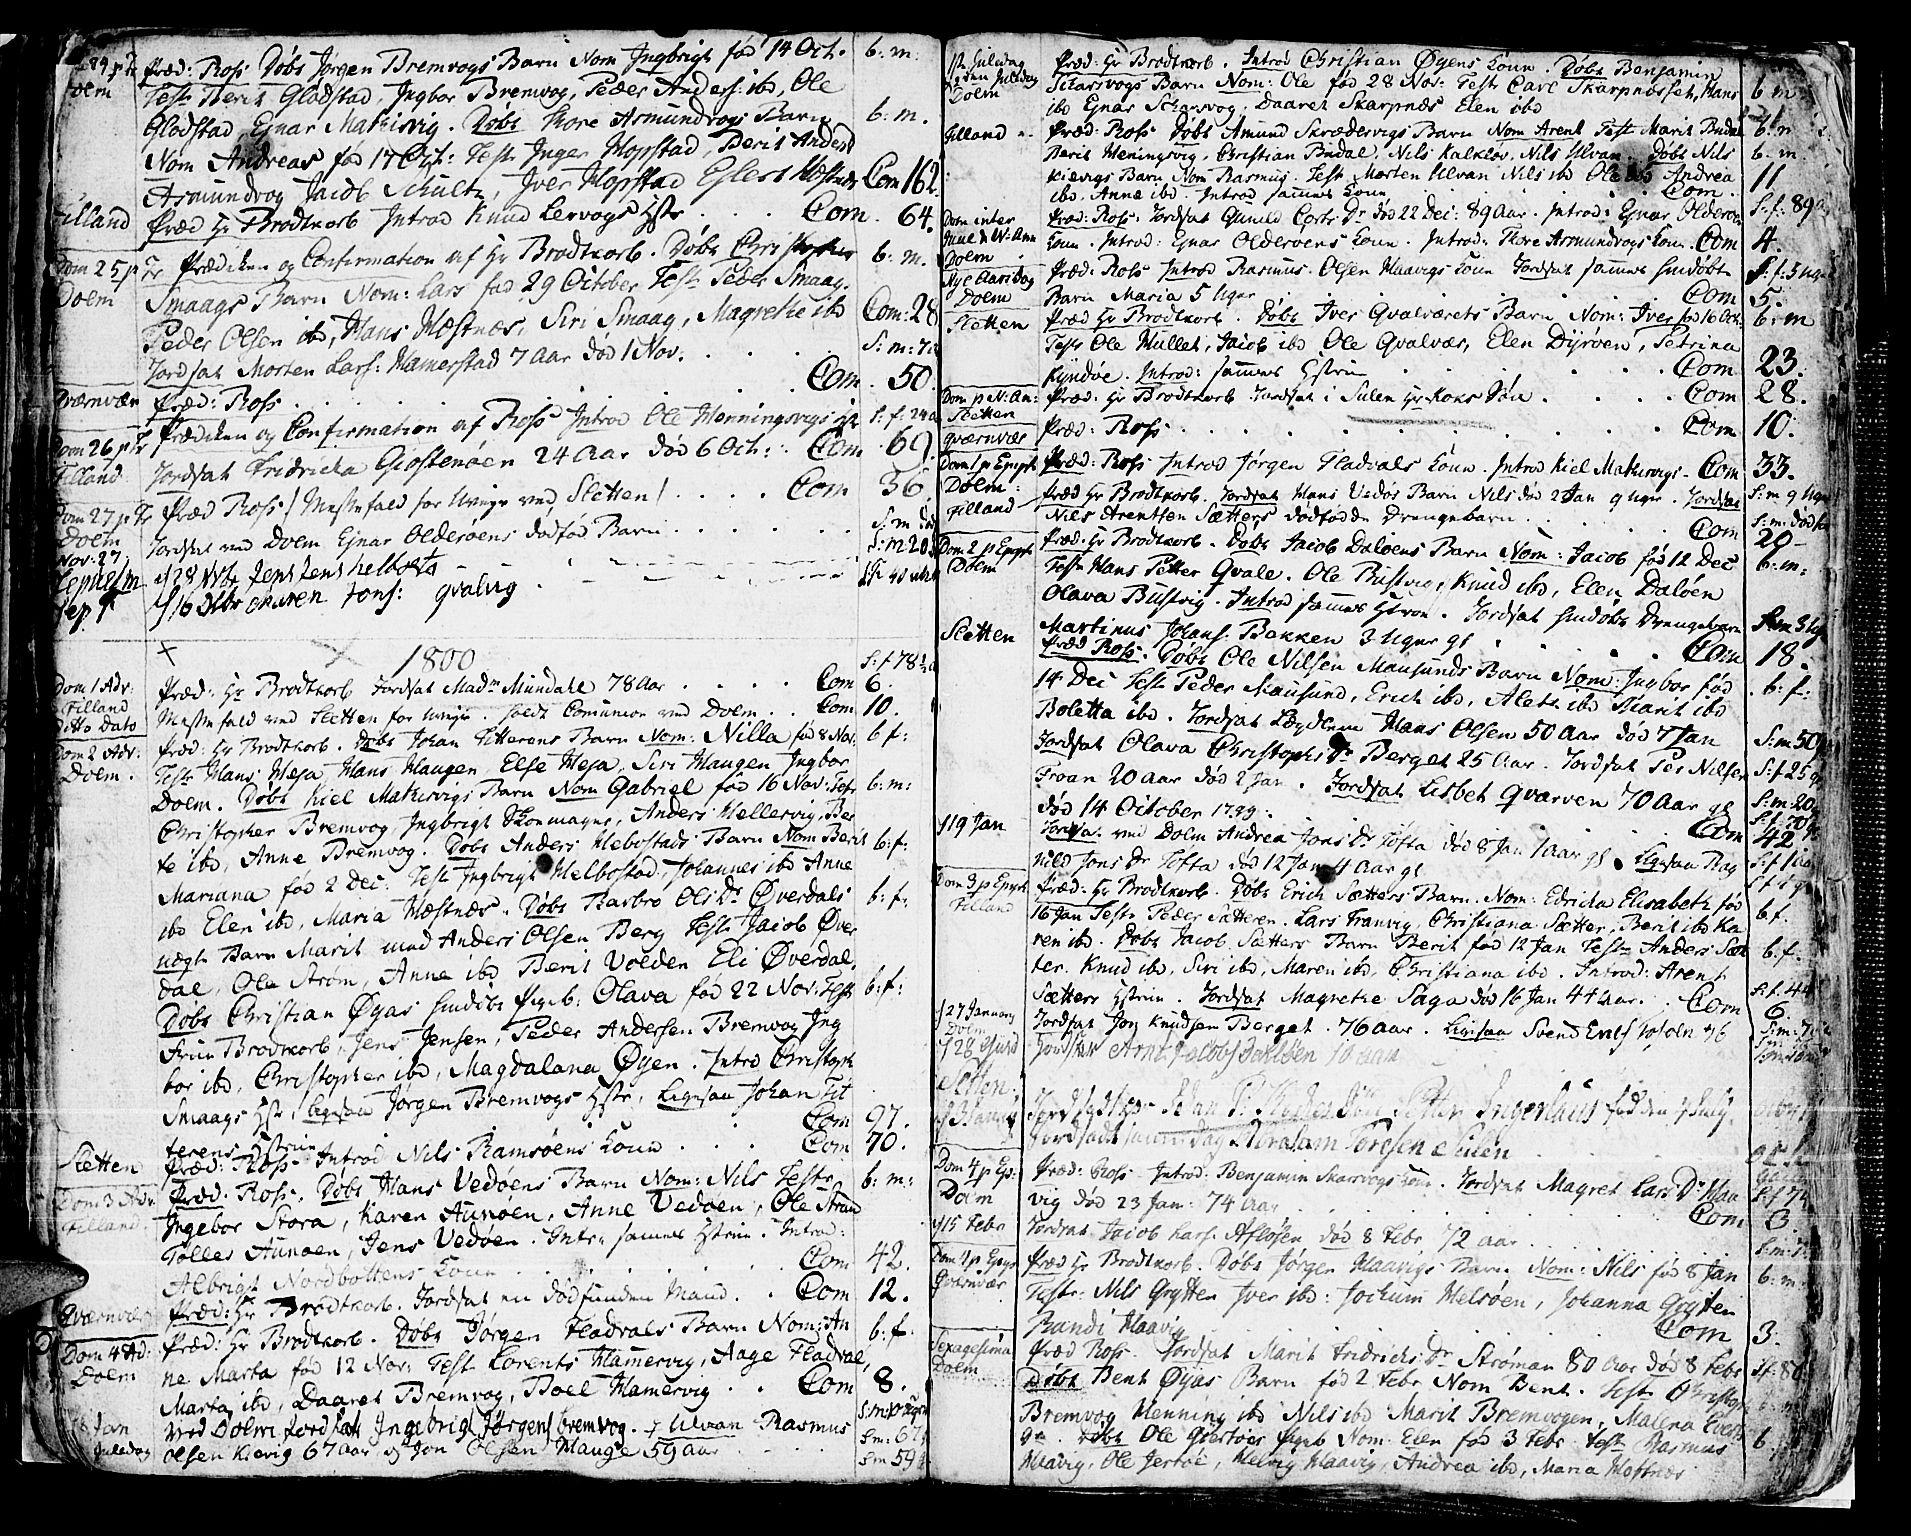 SAT, Ministerialprotokoller, klokkerbøker og fødselsregistre - Sør-Trøndelag, 634/L0526: Ministerialbok nr. 634A02, 1775-1818, s. 121